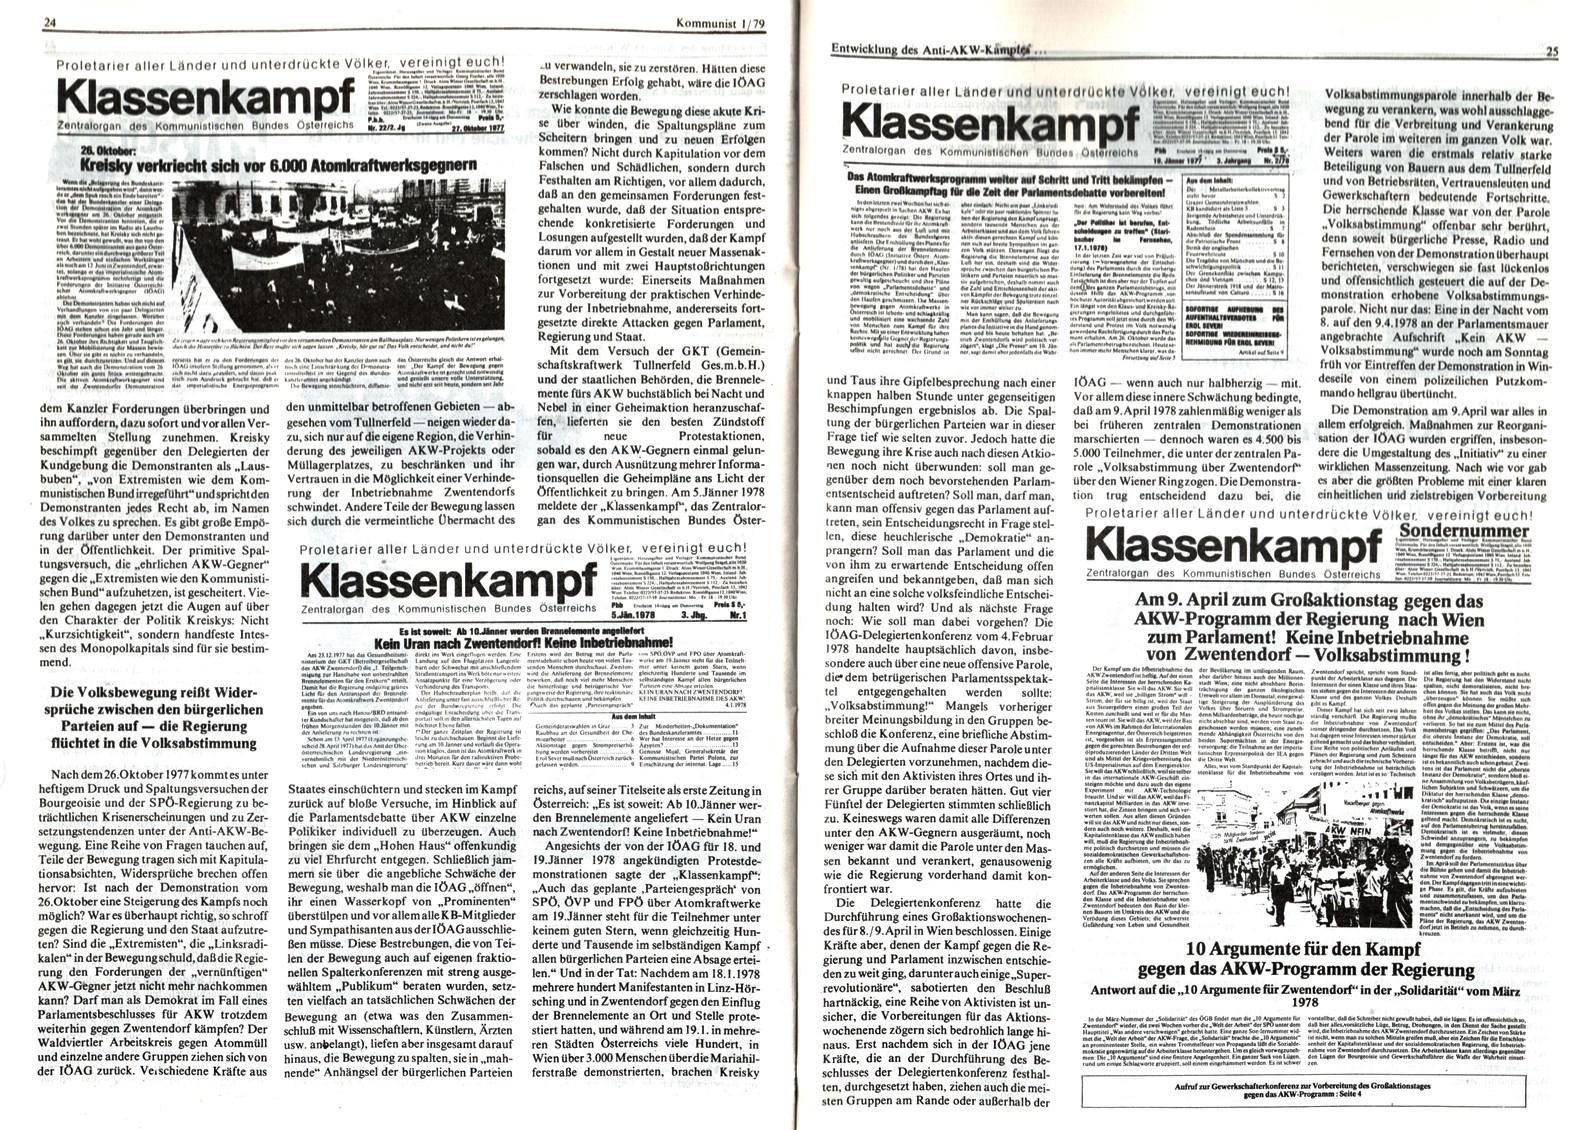 KBOe_TO_Kommunist_19790100_001_014